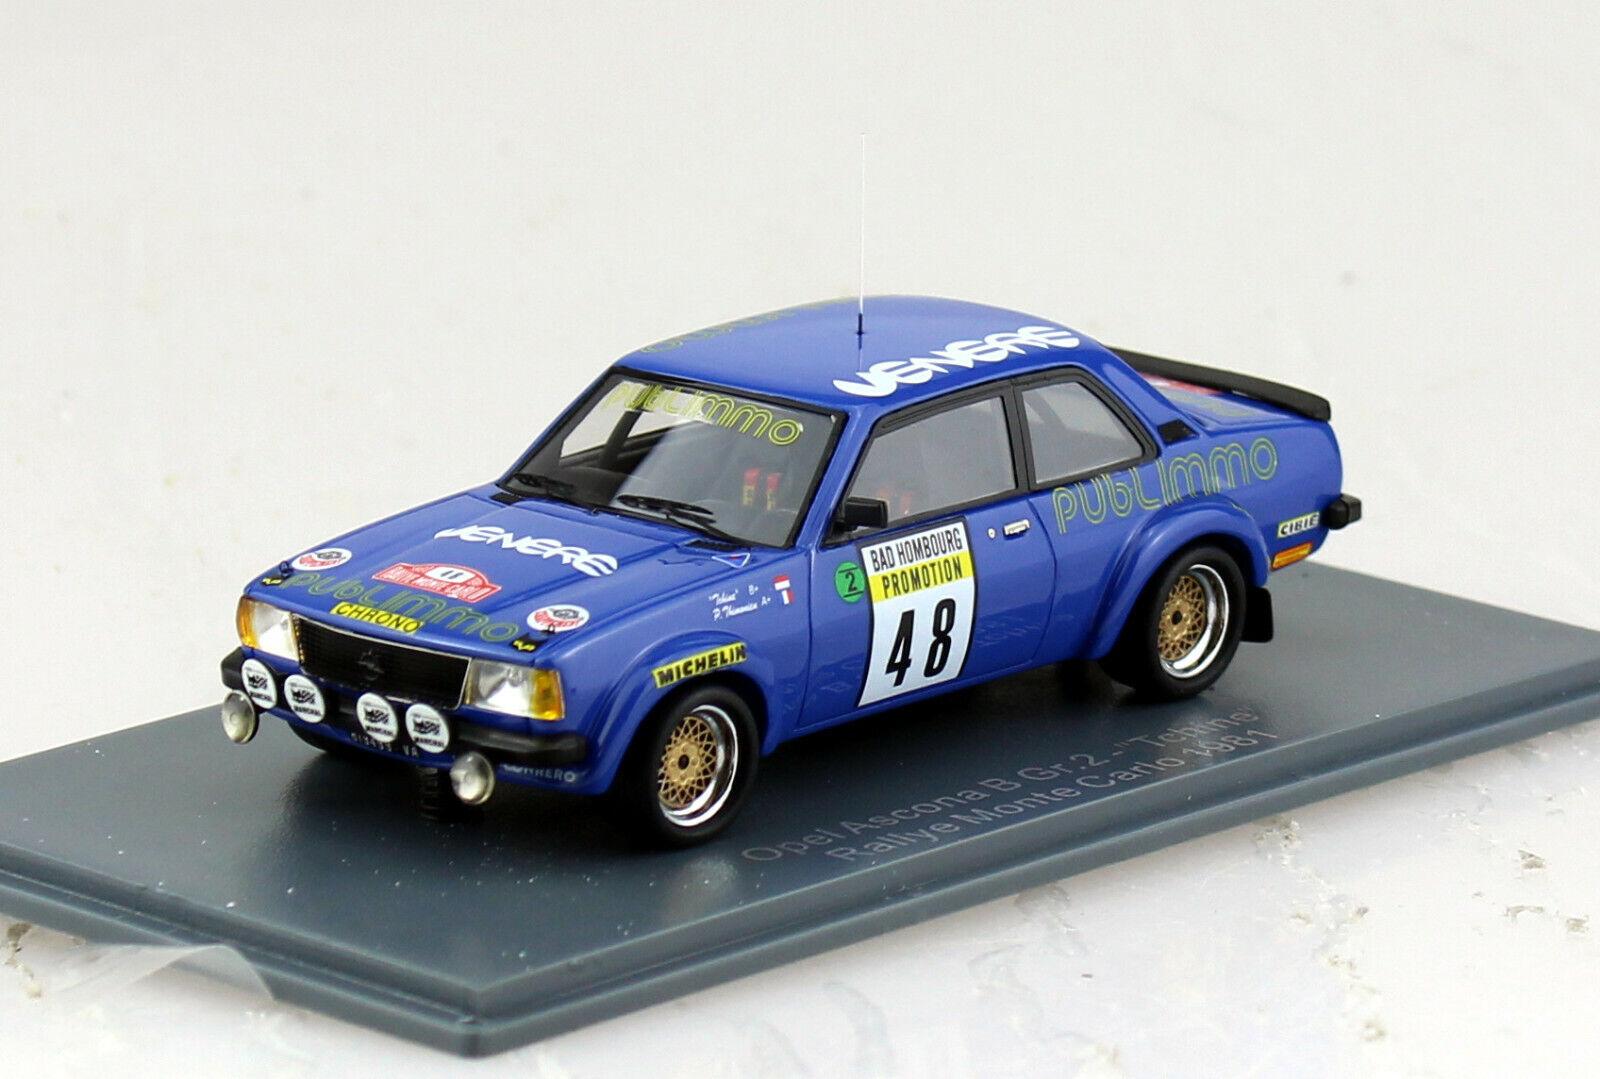 OPEL Ascona B gruppo 2 Racing Rally Monte Carlo  48 1981 1 43 NEO modello di auto